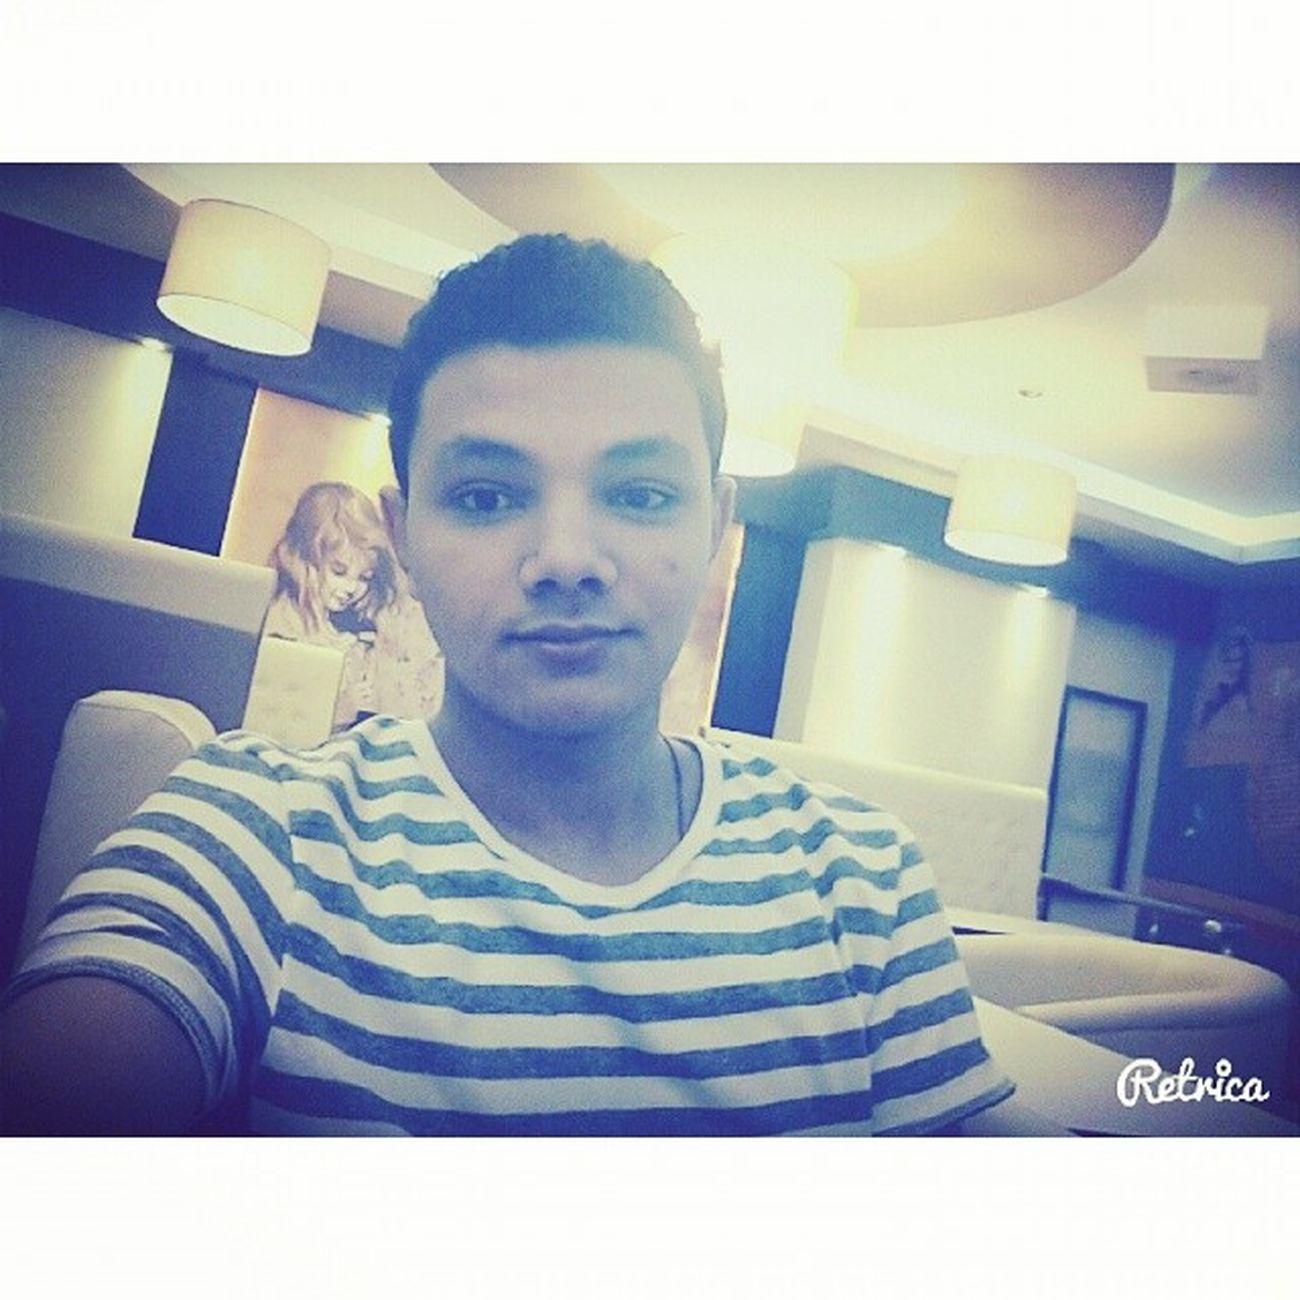 Instahappy Selfie Retrica 3aray2